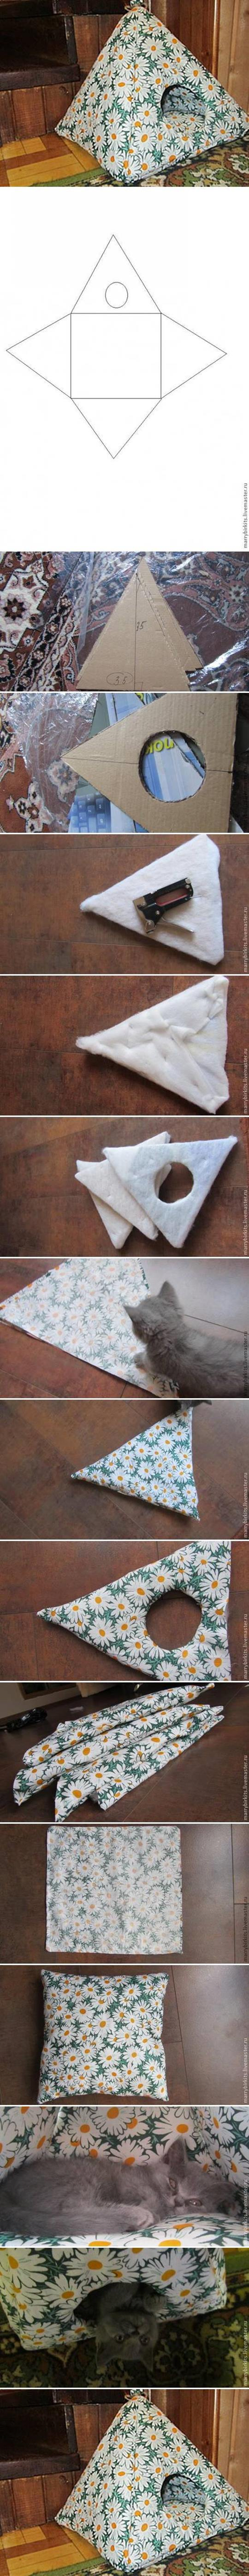 karton-ve-kumastan-kedi-evi-yapimi-diycat